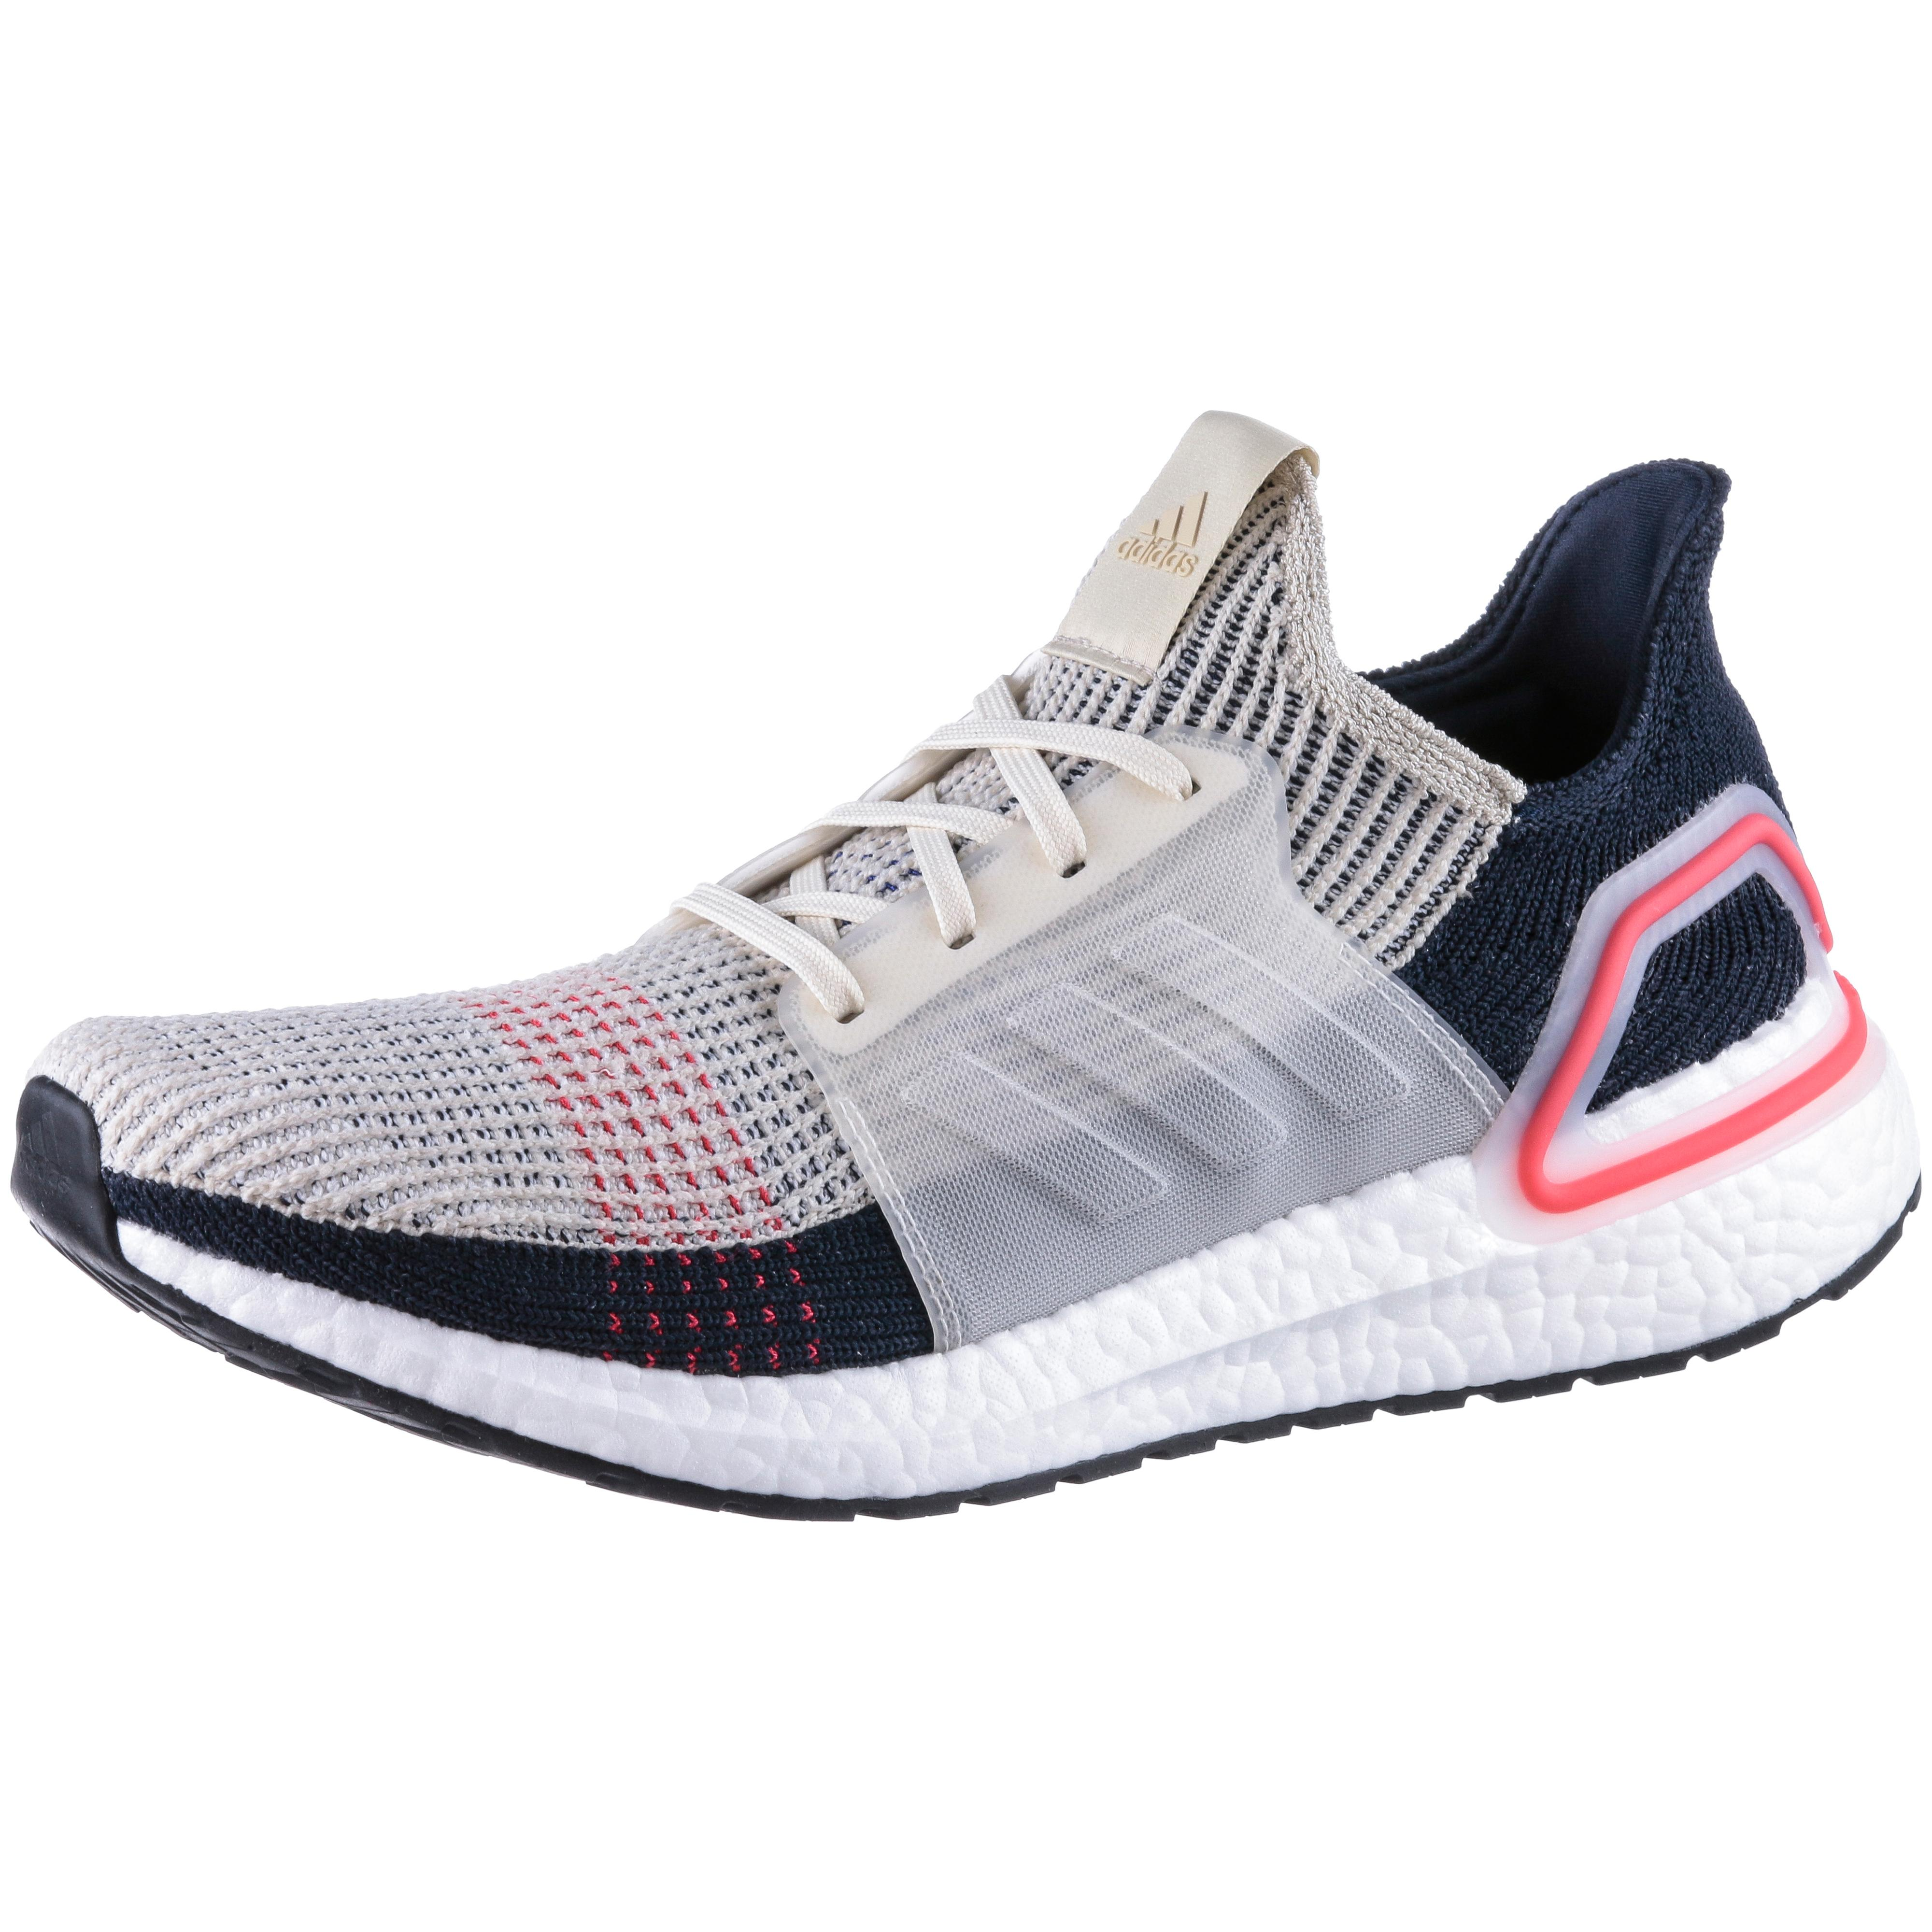 adidas herren shoes